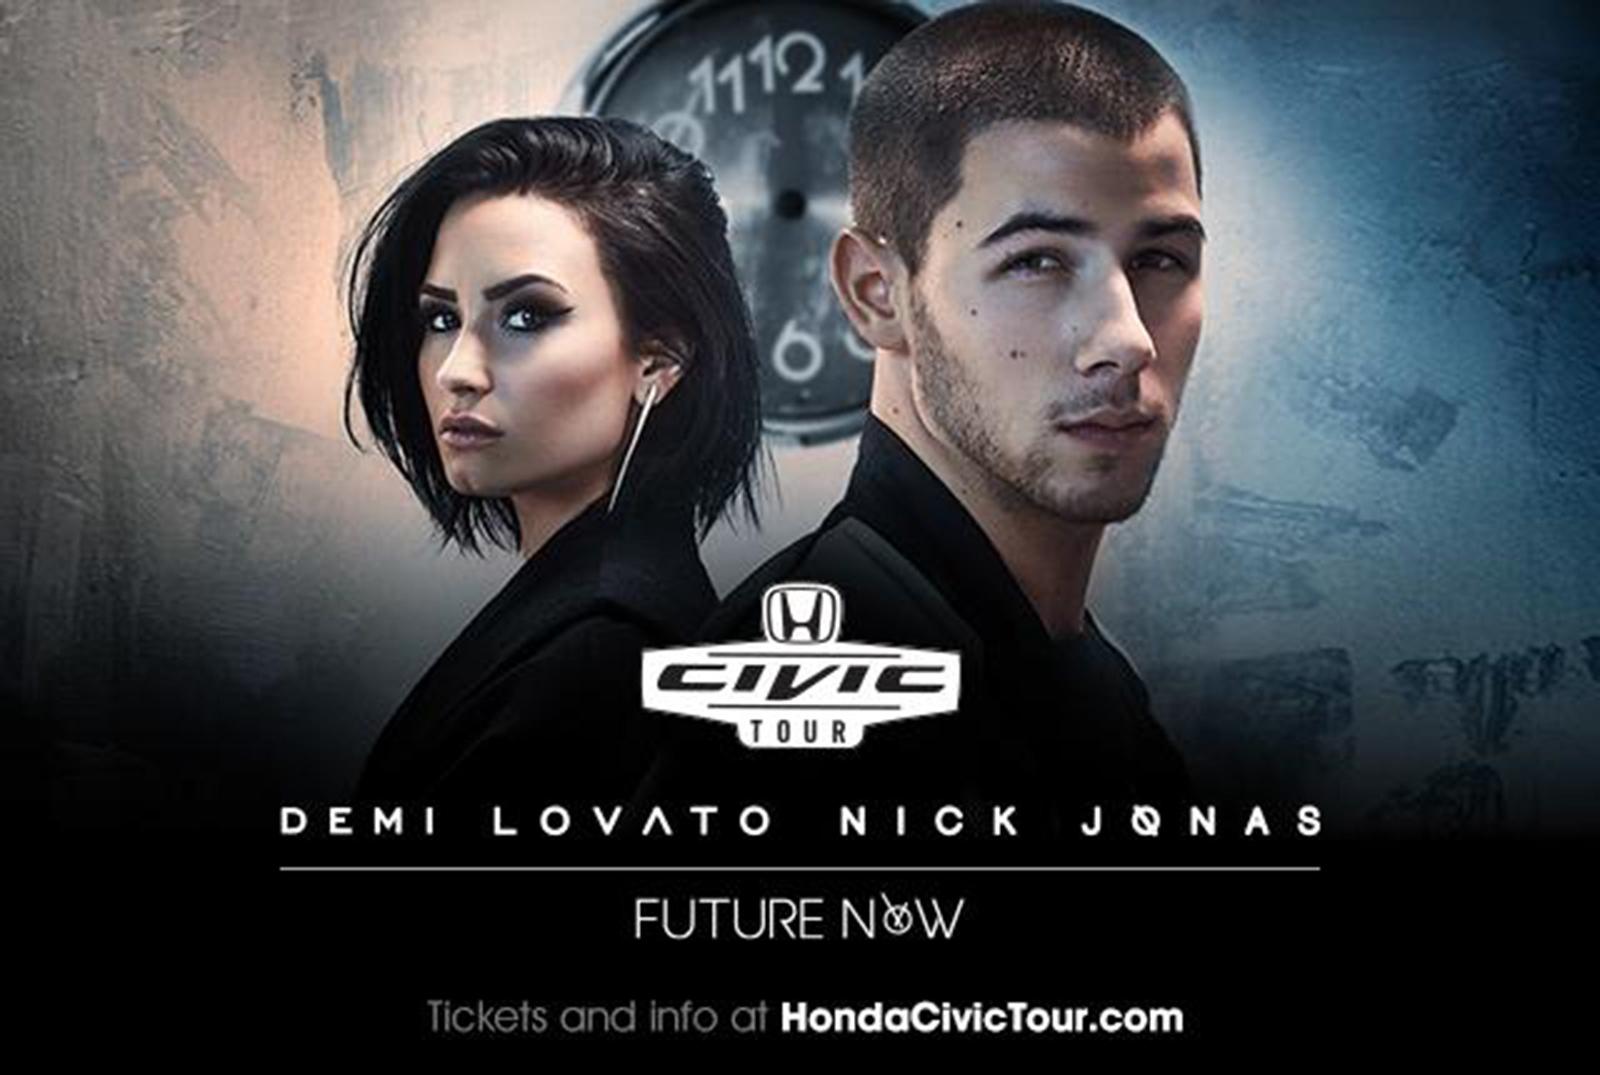 Demi Lovato And Nick Jonas To Headline 15th Anniversary Honda Civic